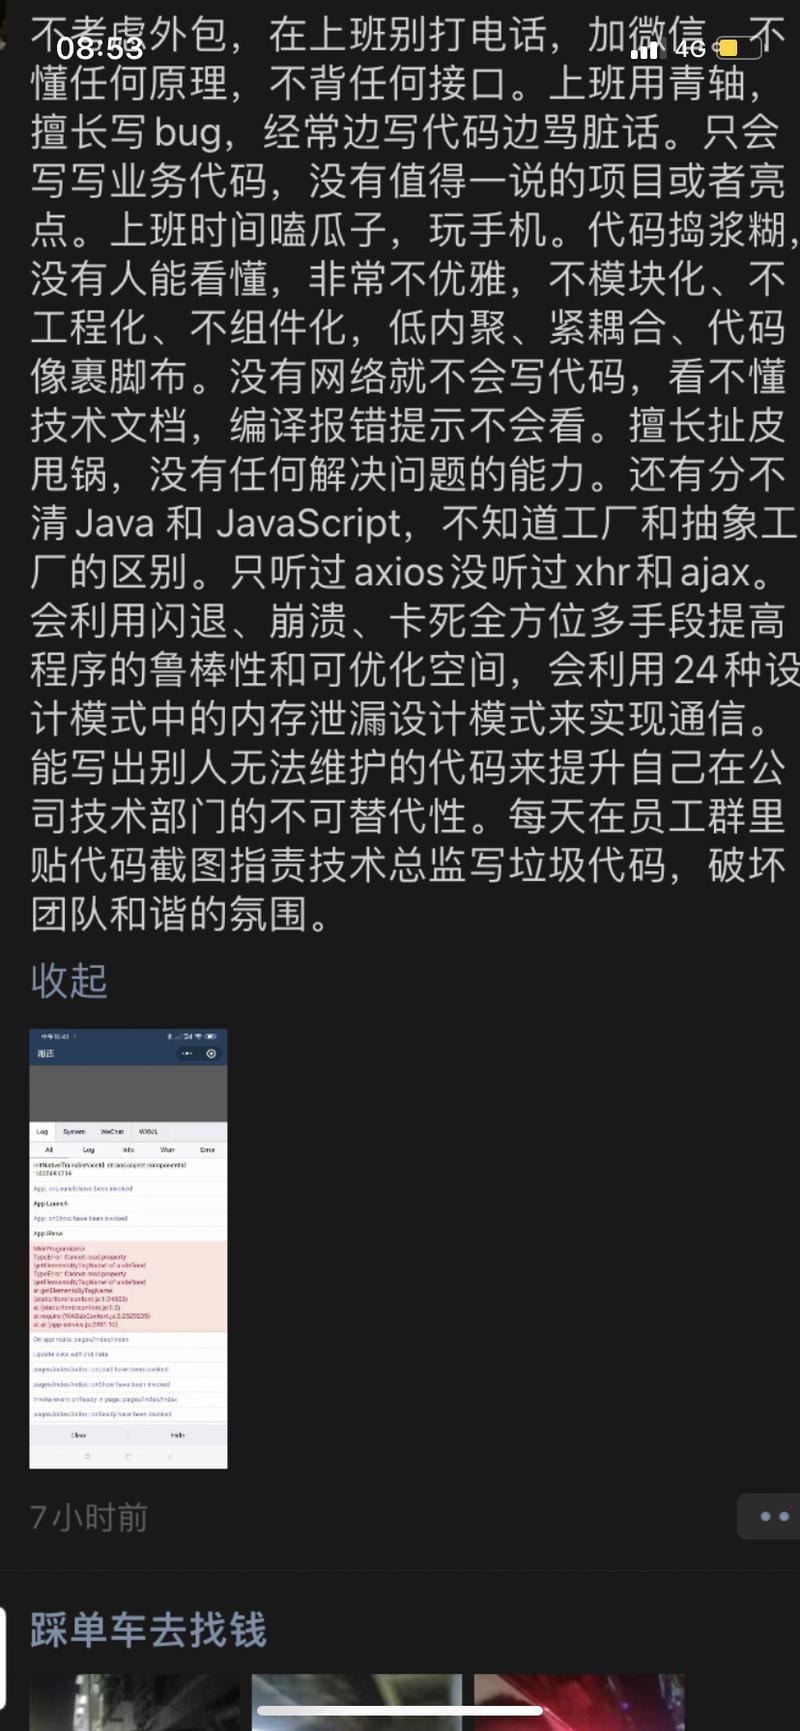 二仙桥大爷于2021-07-16 08:54发布的图片